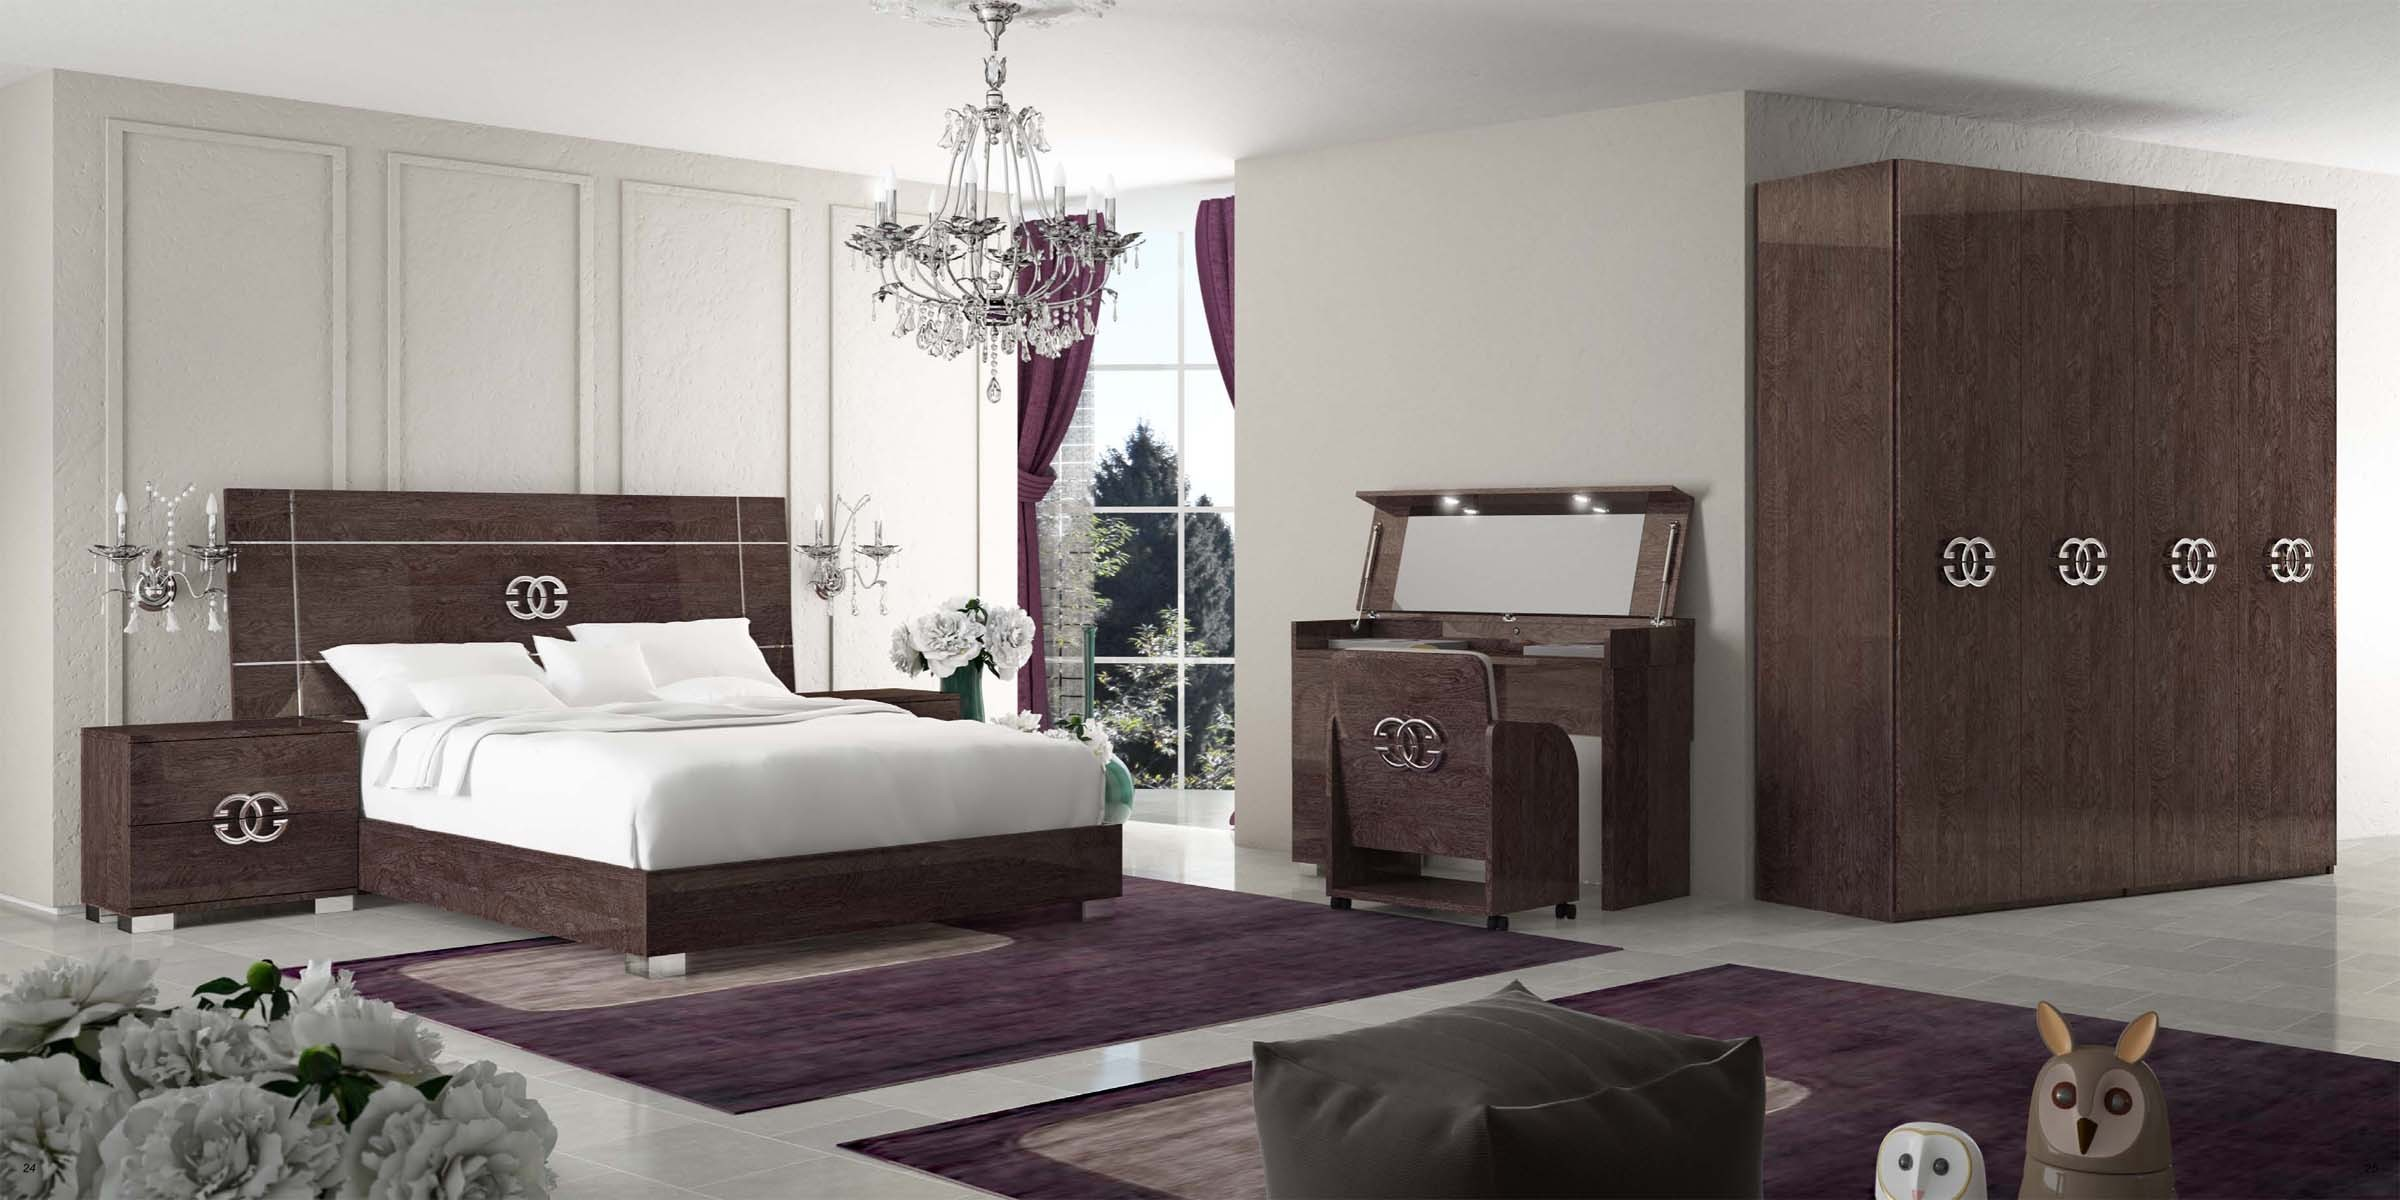 Pride Classic Modern Italian Bedroom set  N